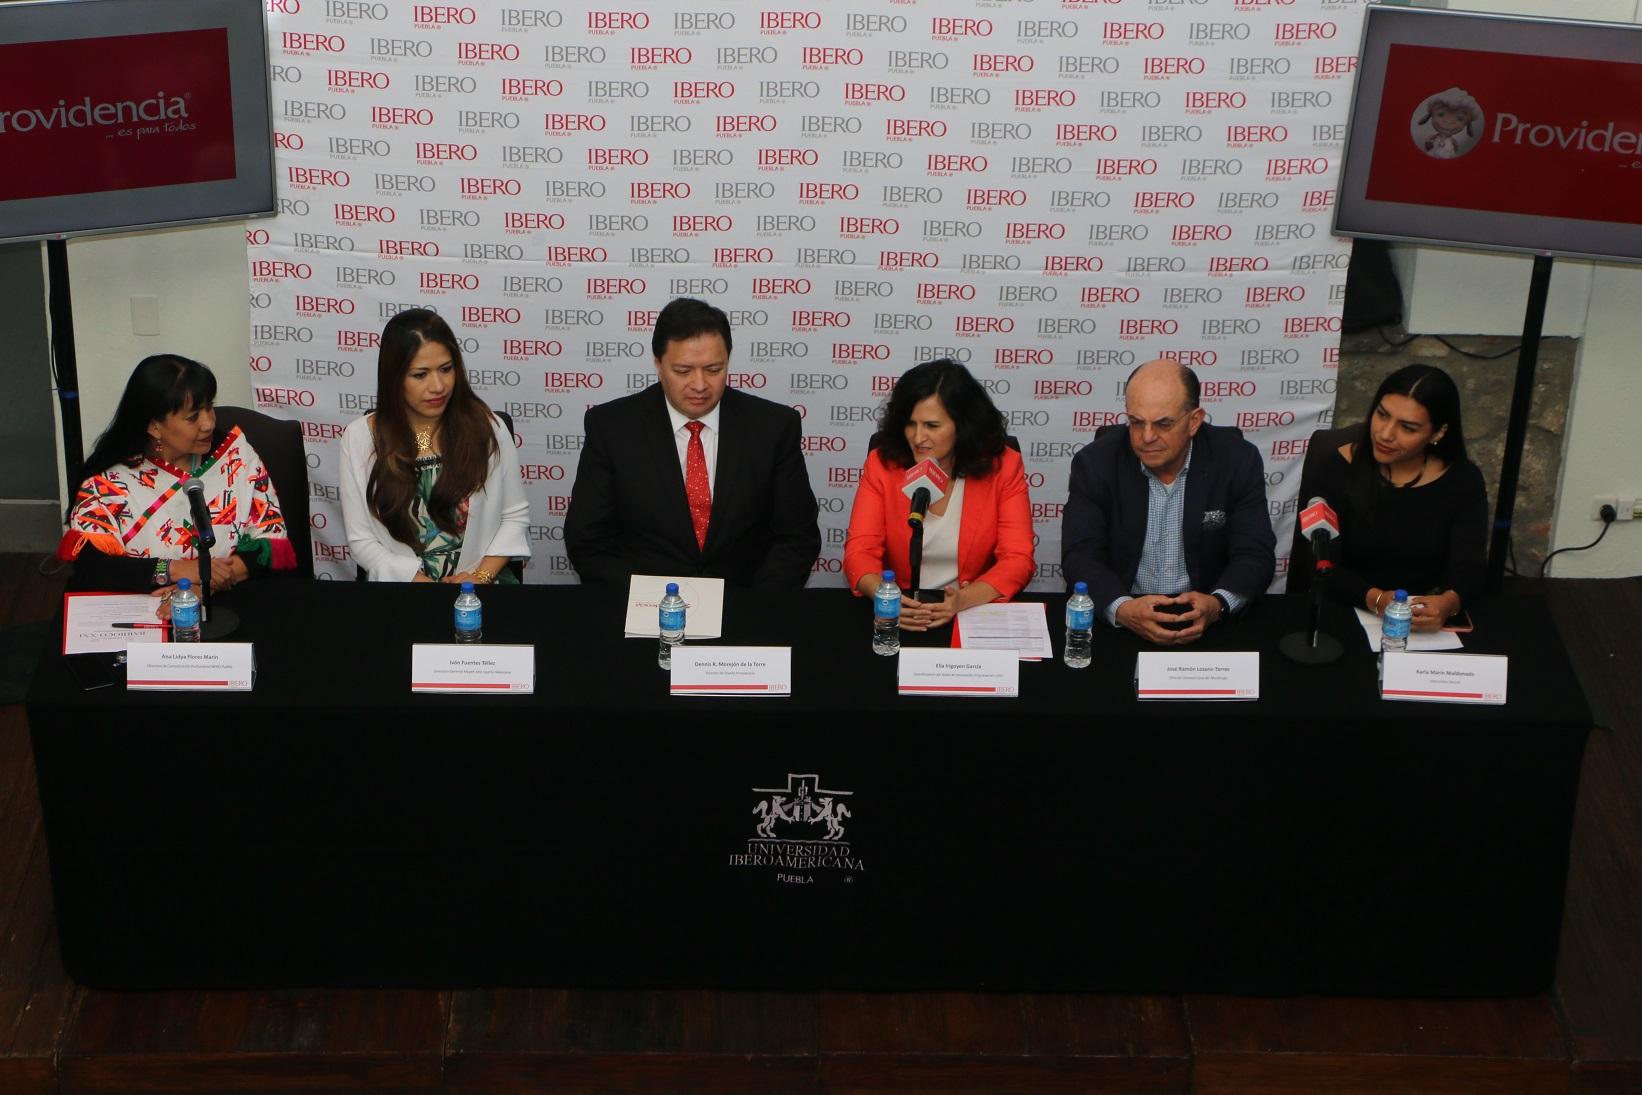 Invita IBERO Puebla a participar en creaciones barrocas e innovadoras